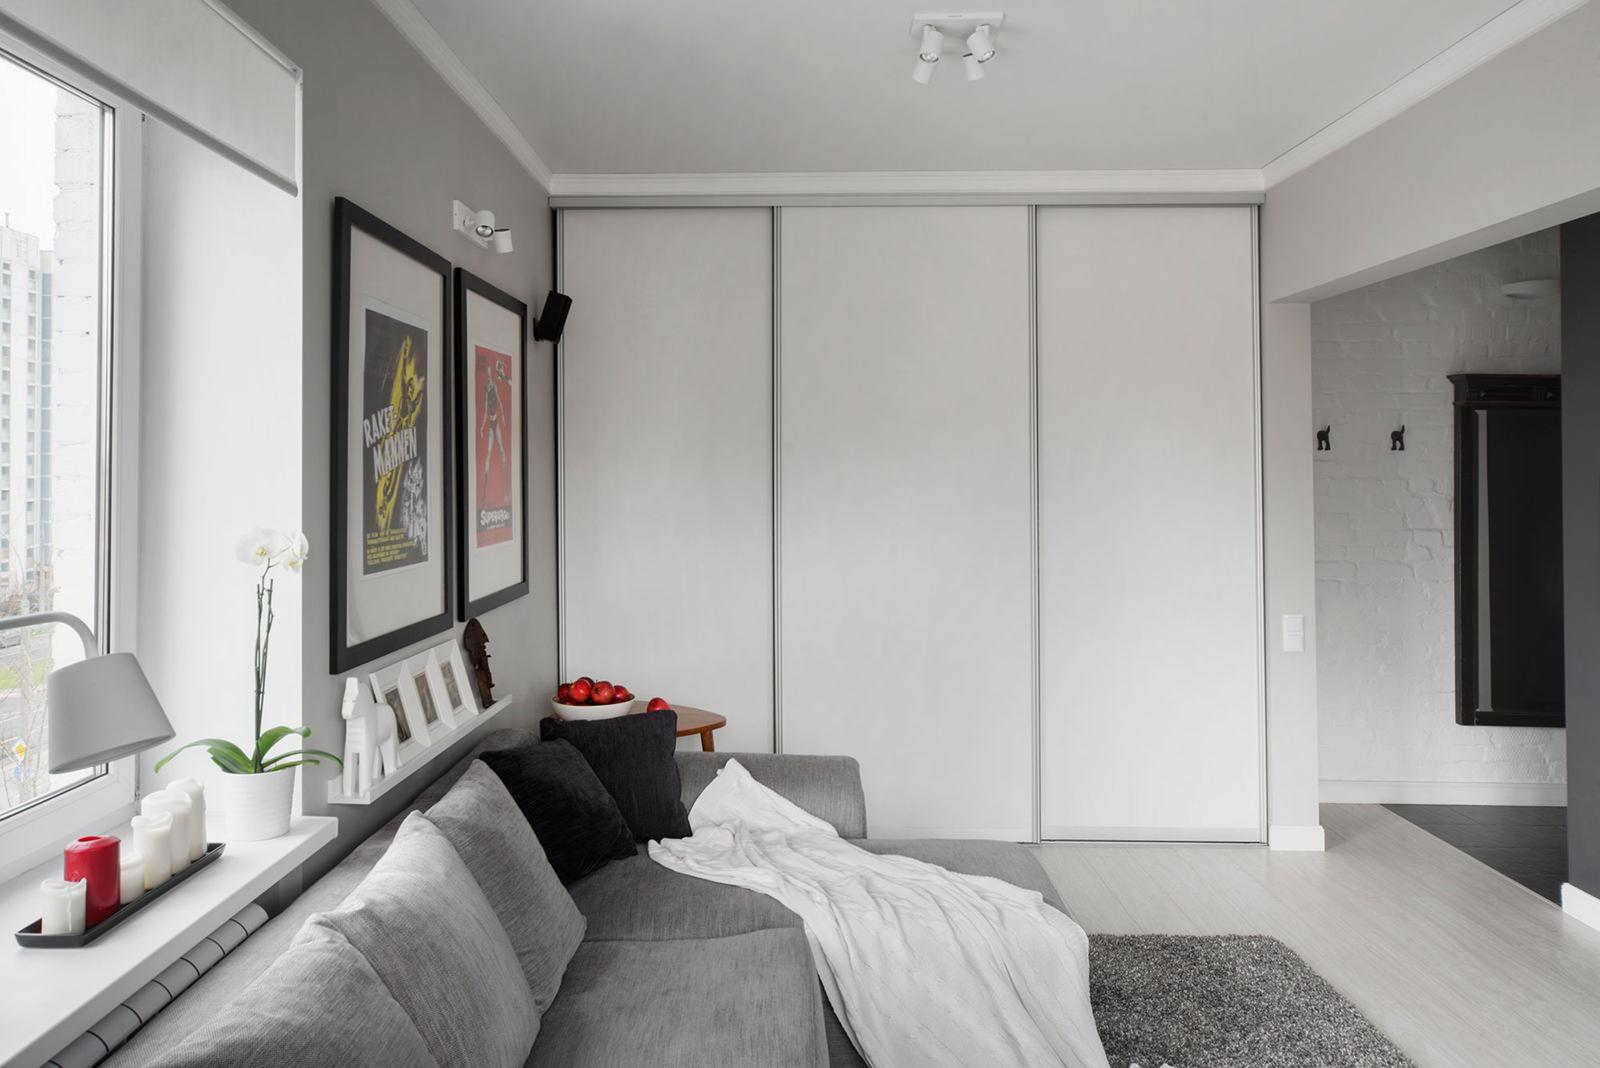 Дизайн однокомнатной хрущевки: создаем стильные апартаменты из скромного жилища (50 фото)